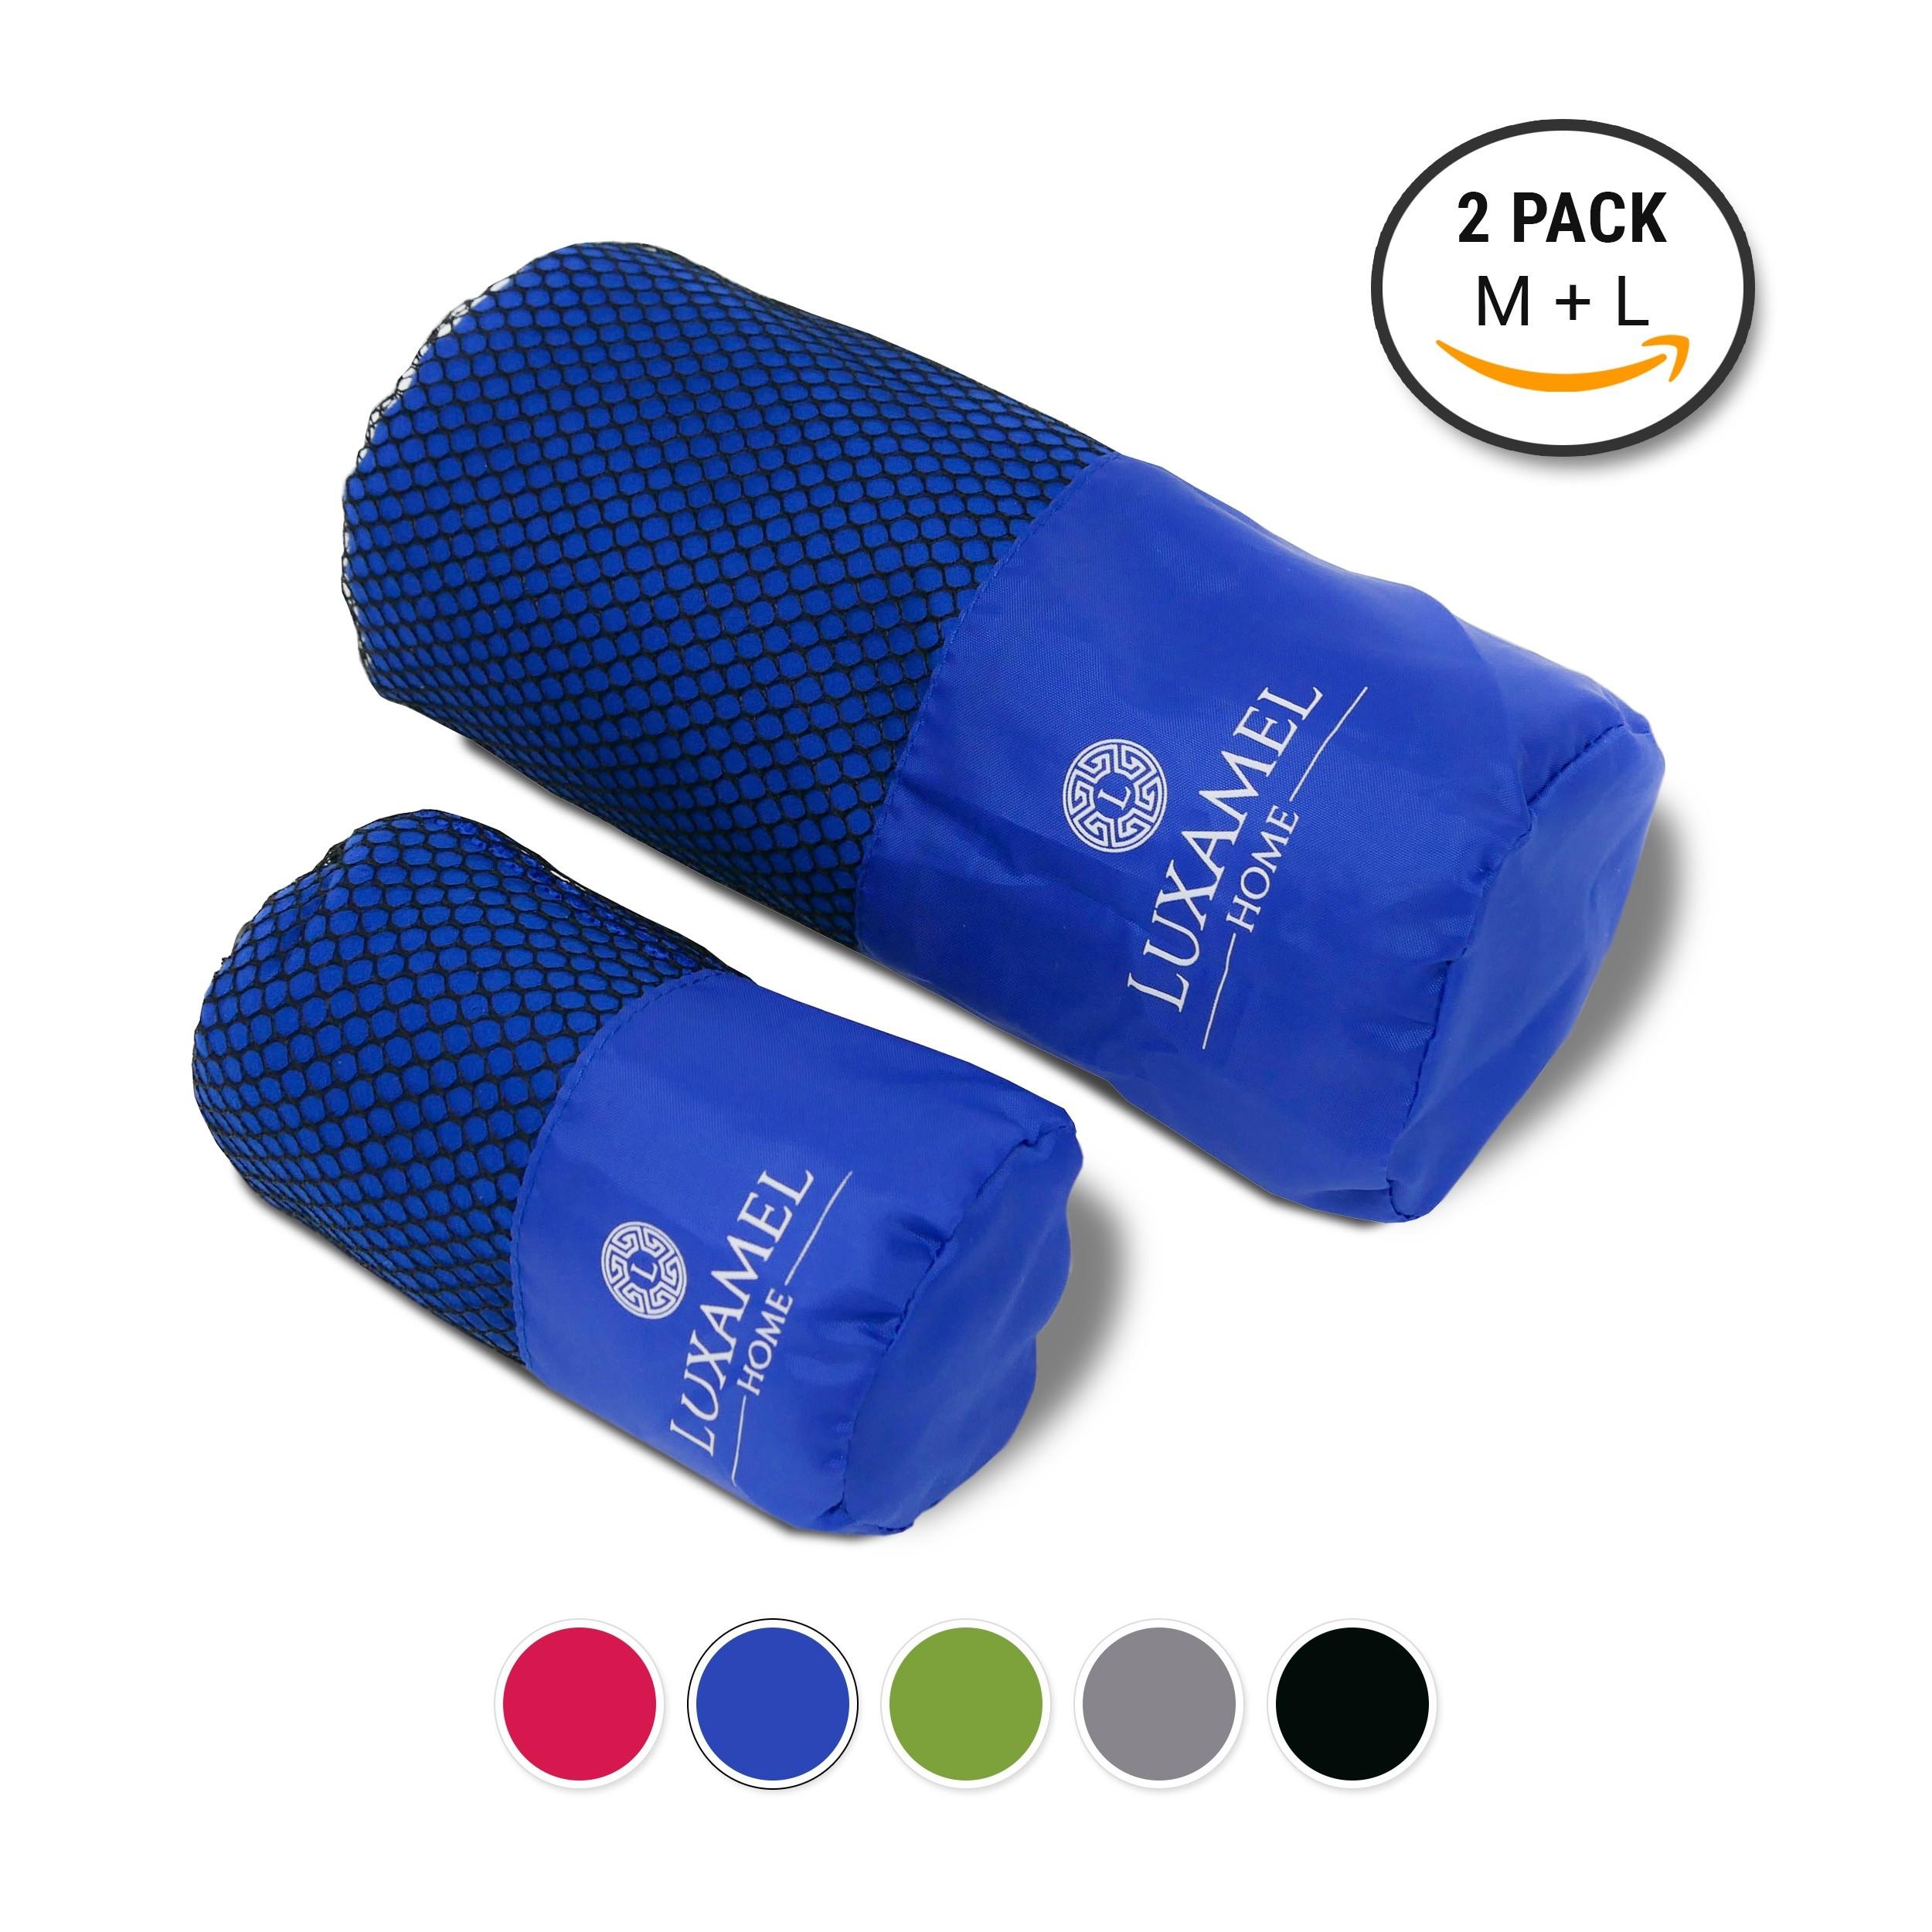 2er set microfaser handtuch blau. Black Bedroom Furniture Sets. Home Design Ideas